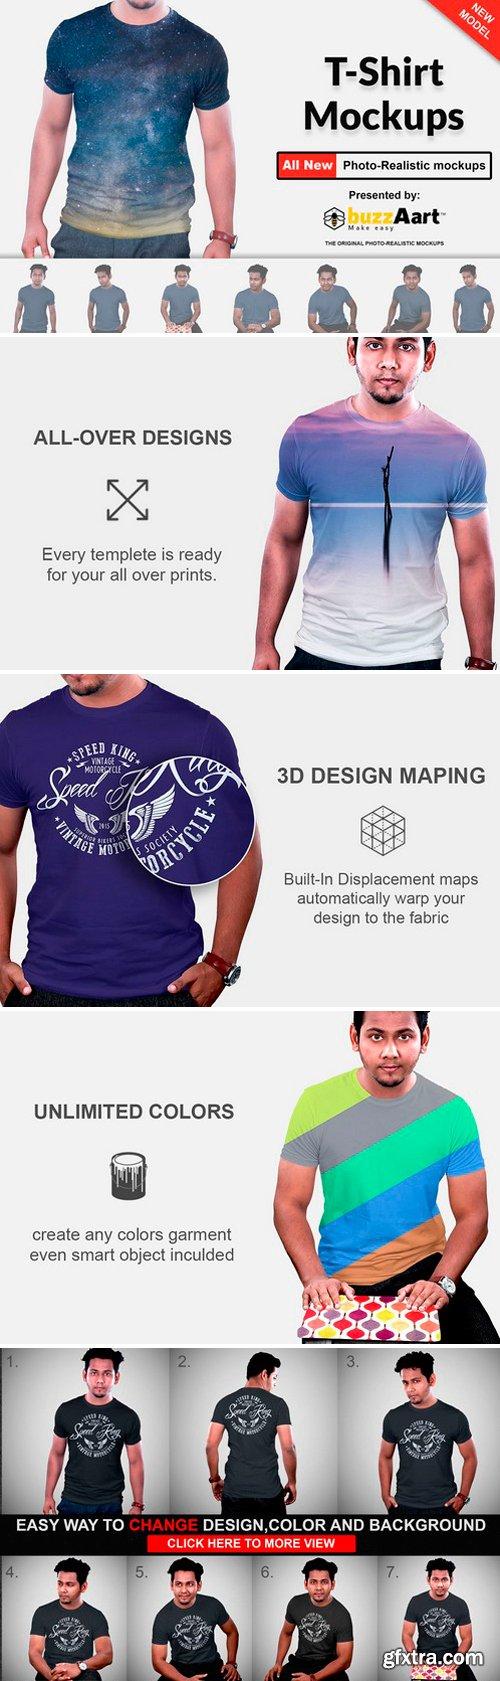 CM - Tshirt Mockups Man Version Vol-1.1 2487659